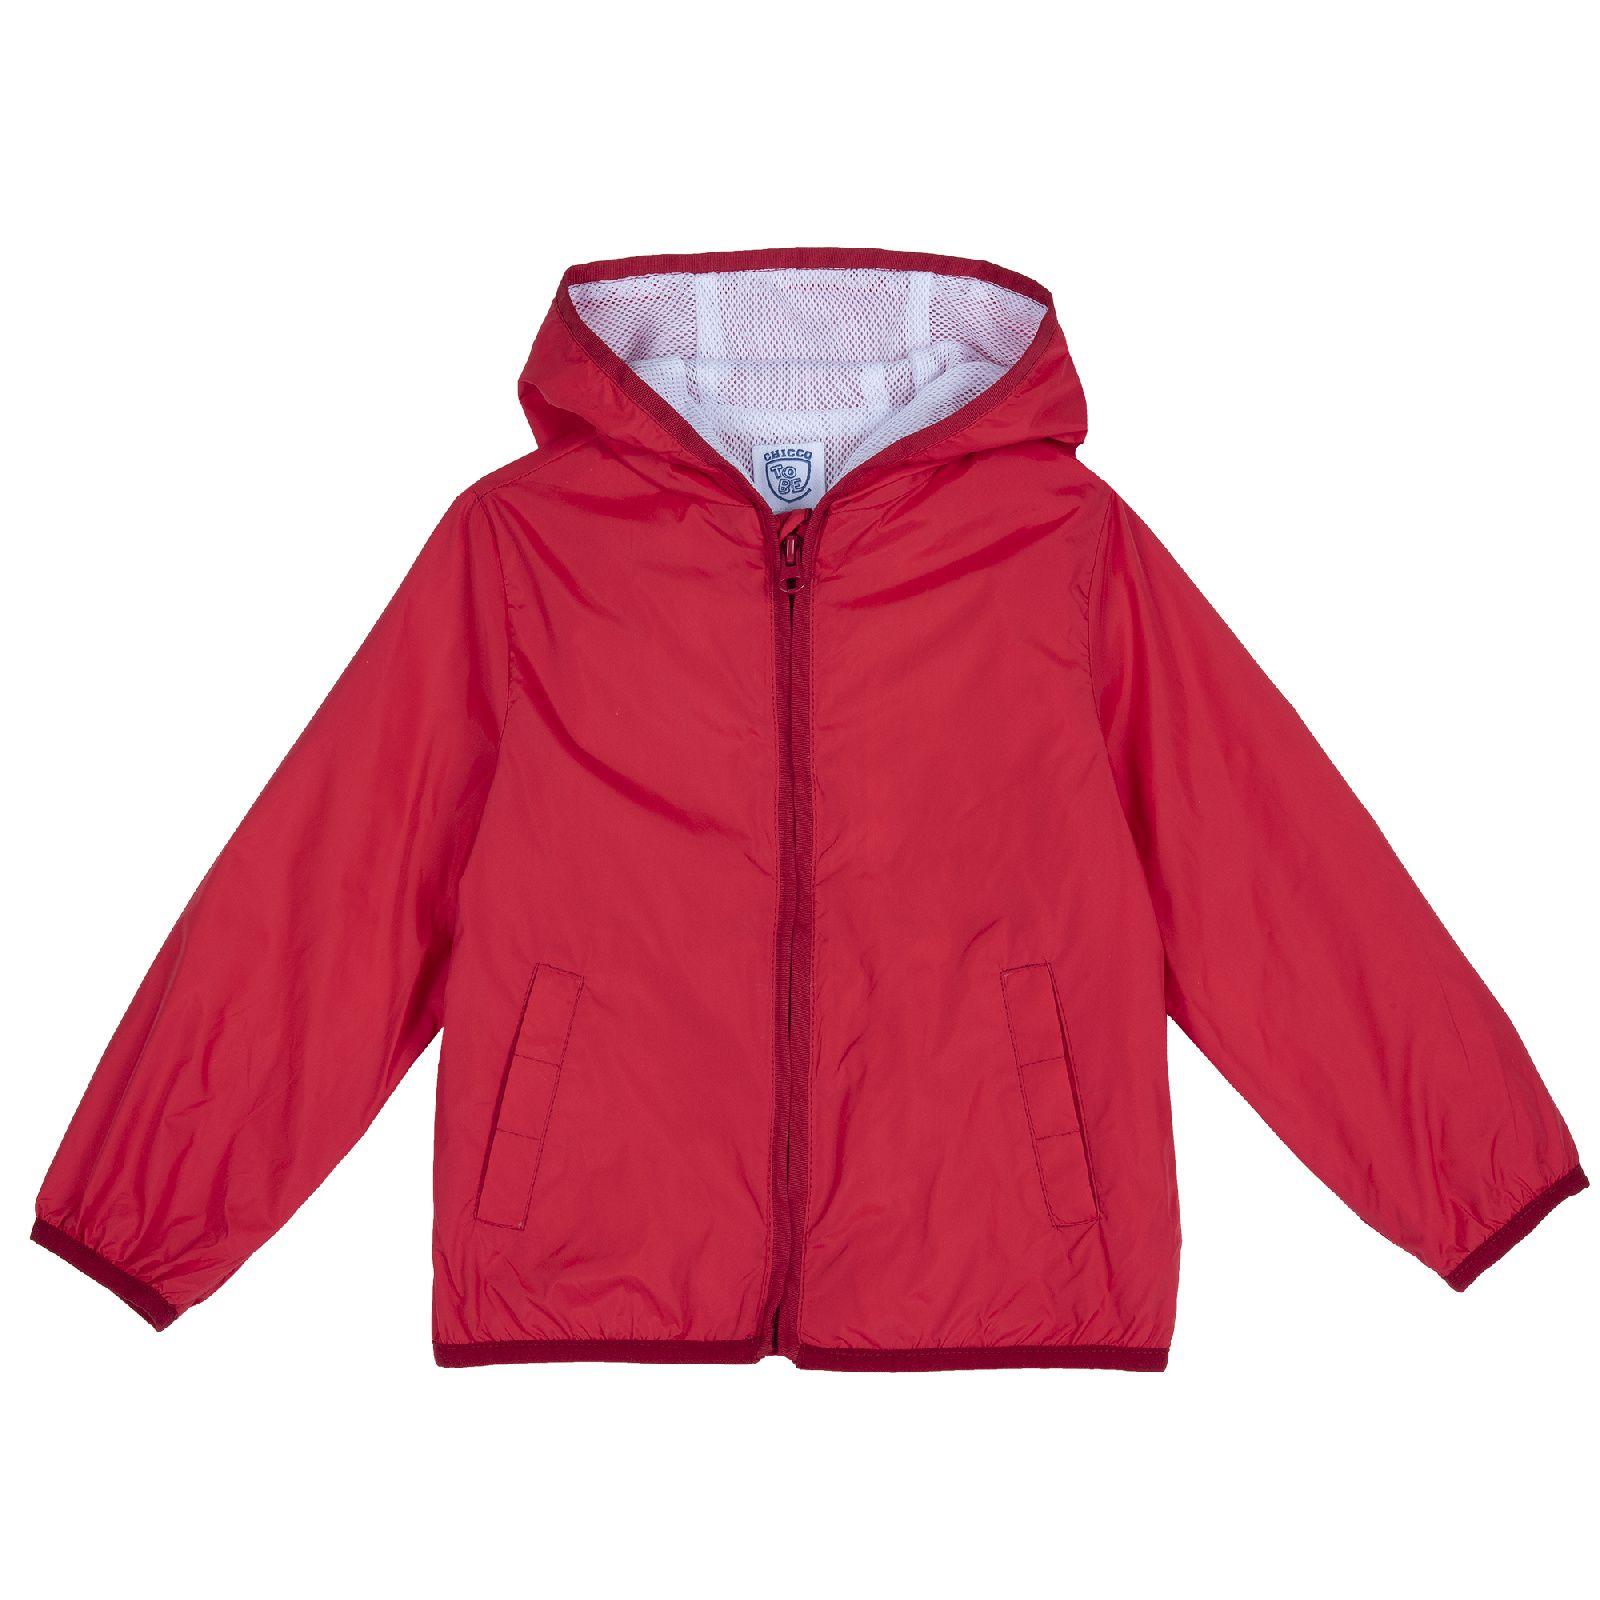 Купить 9087451, Куртка для мальчиков Chicco без принта, цвет красный, размер 98,